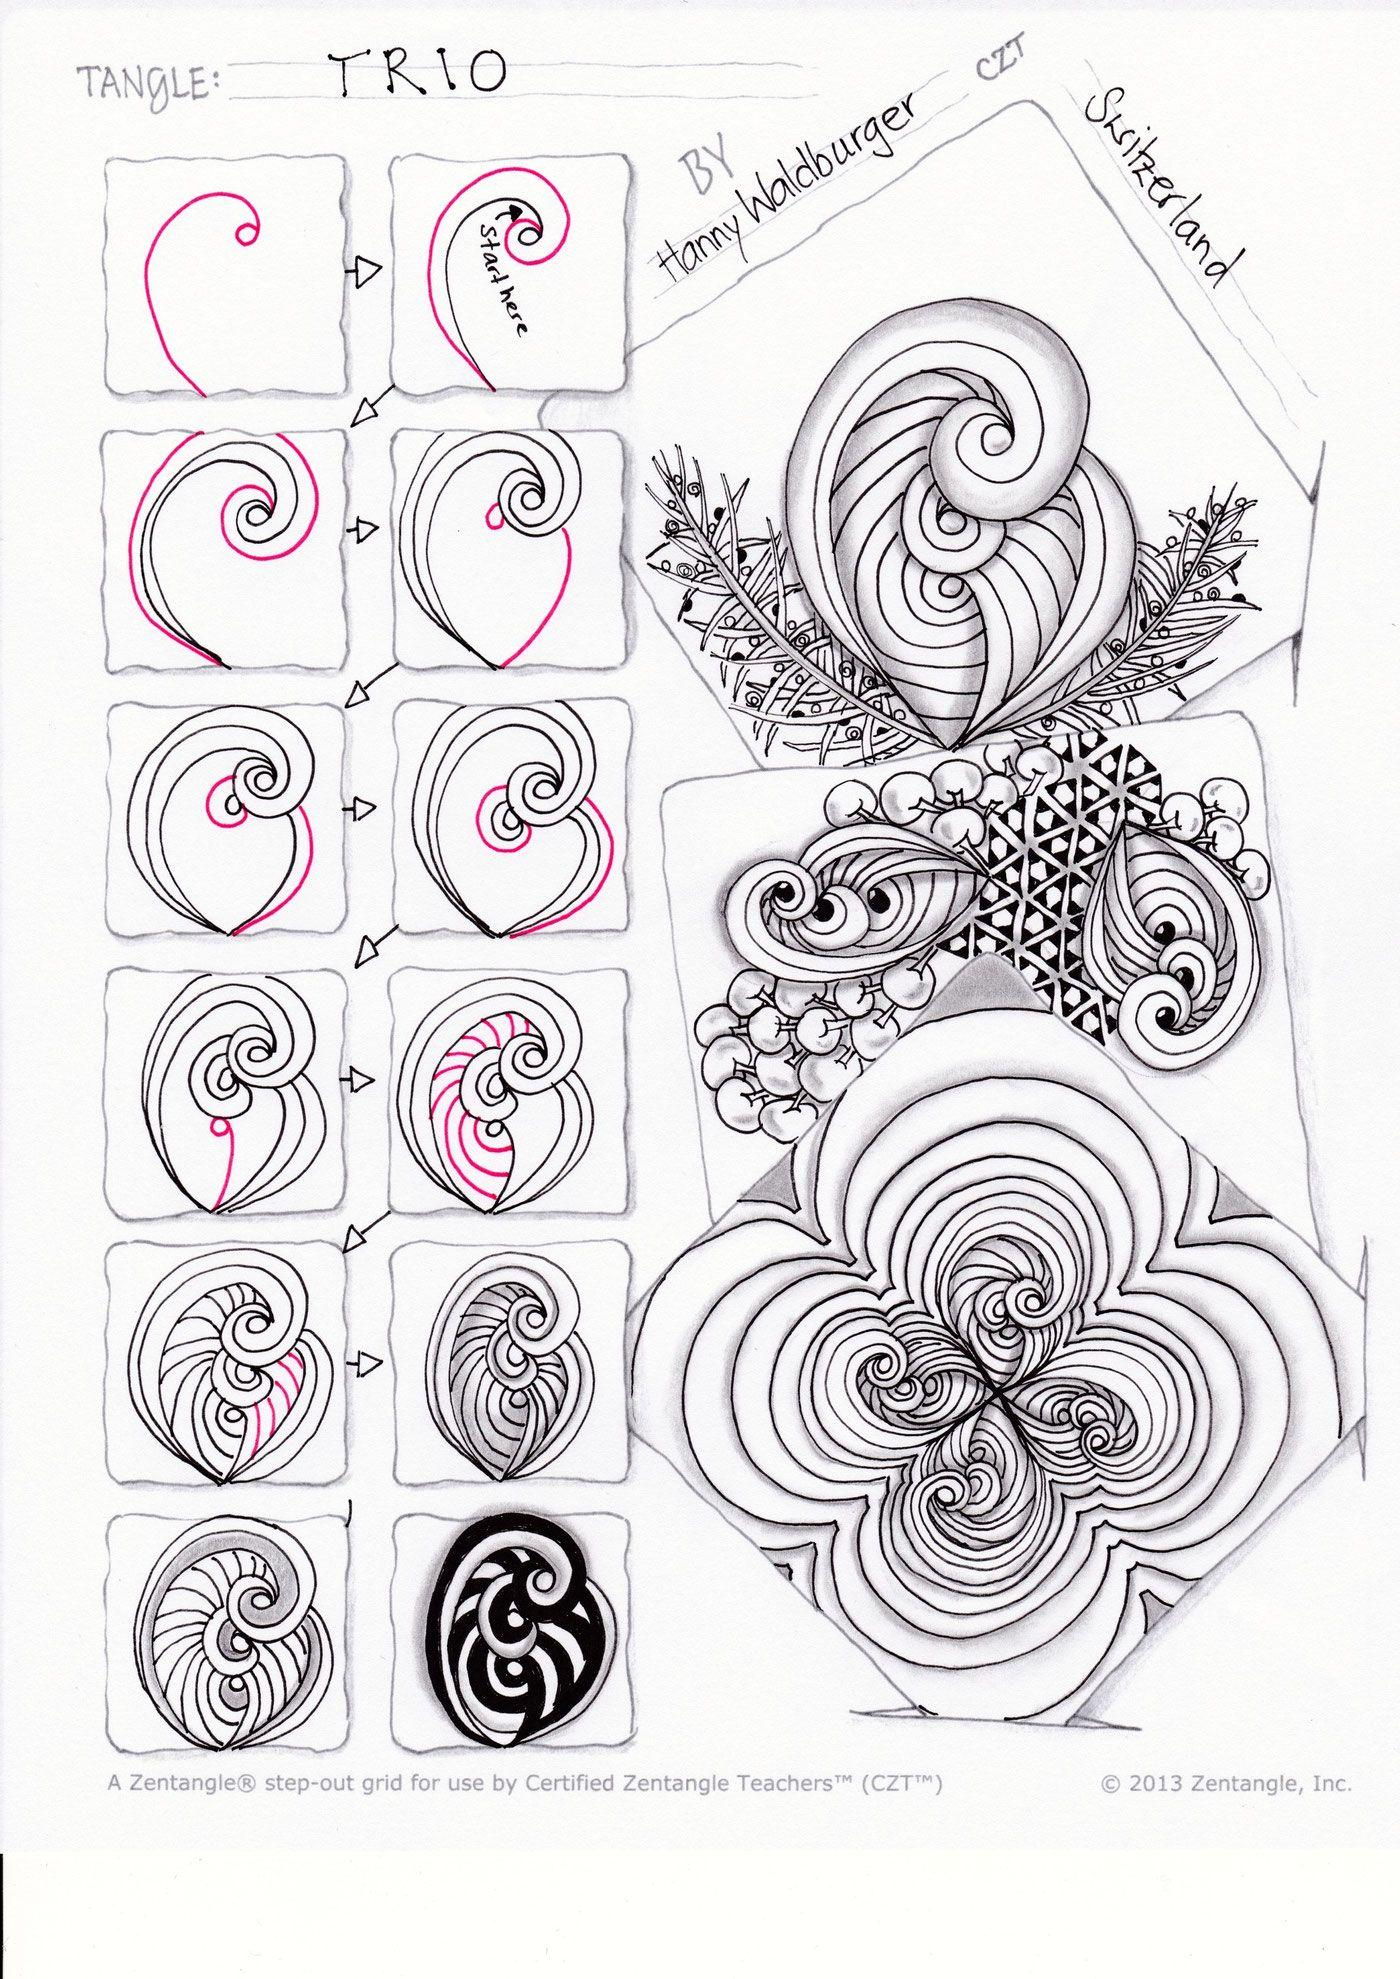 zentangle pattern trio by zenjoy | Zentangles | Pinterest ...